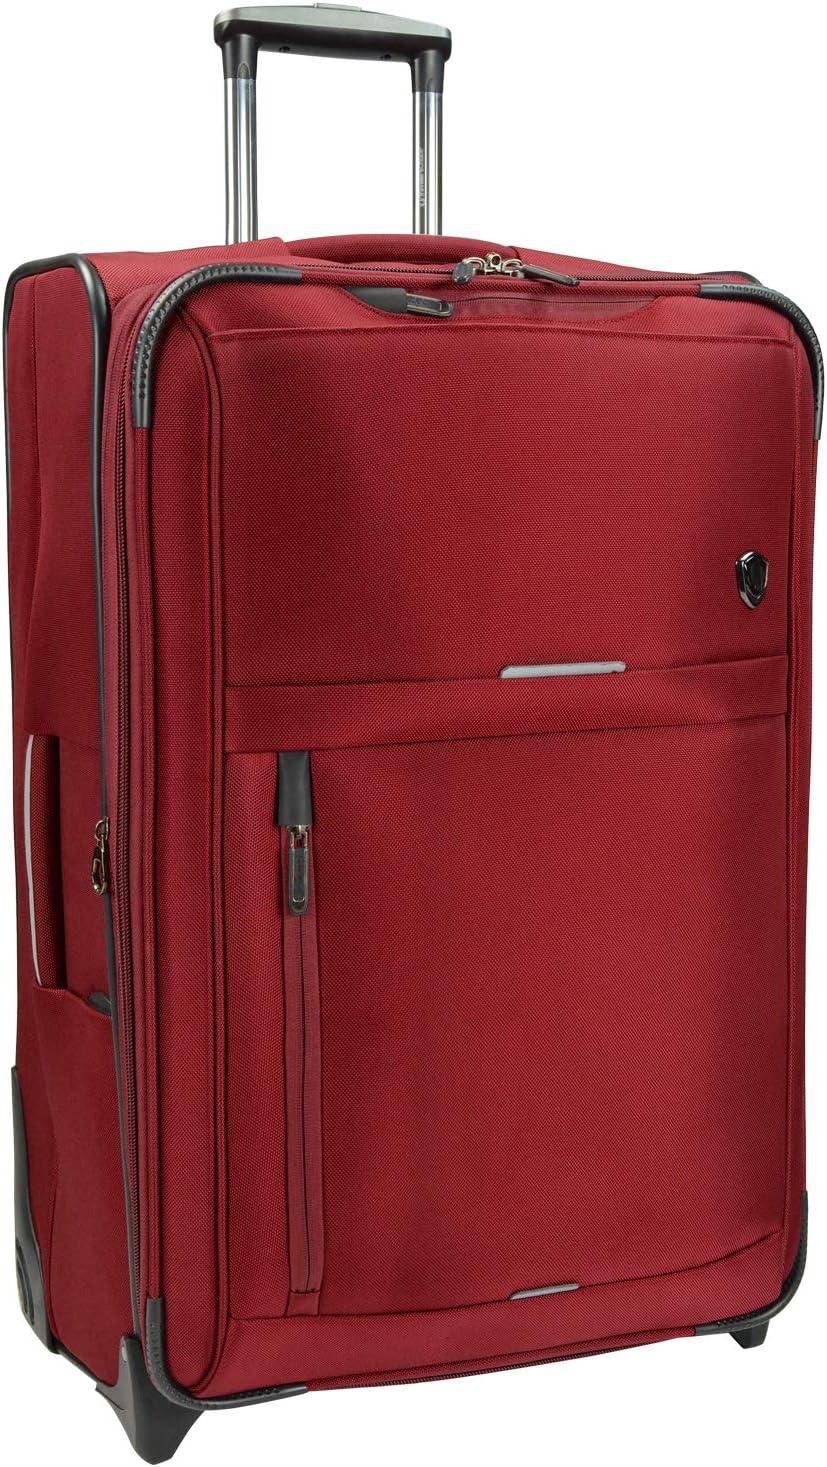 Как выбрать чемодан? Советы для путешественников и не только - фото 4